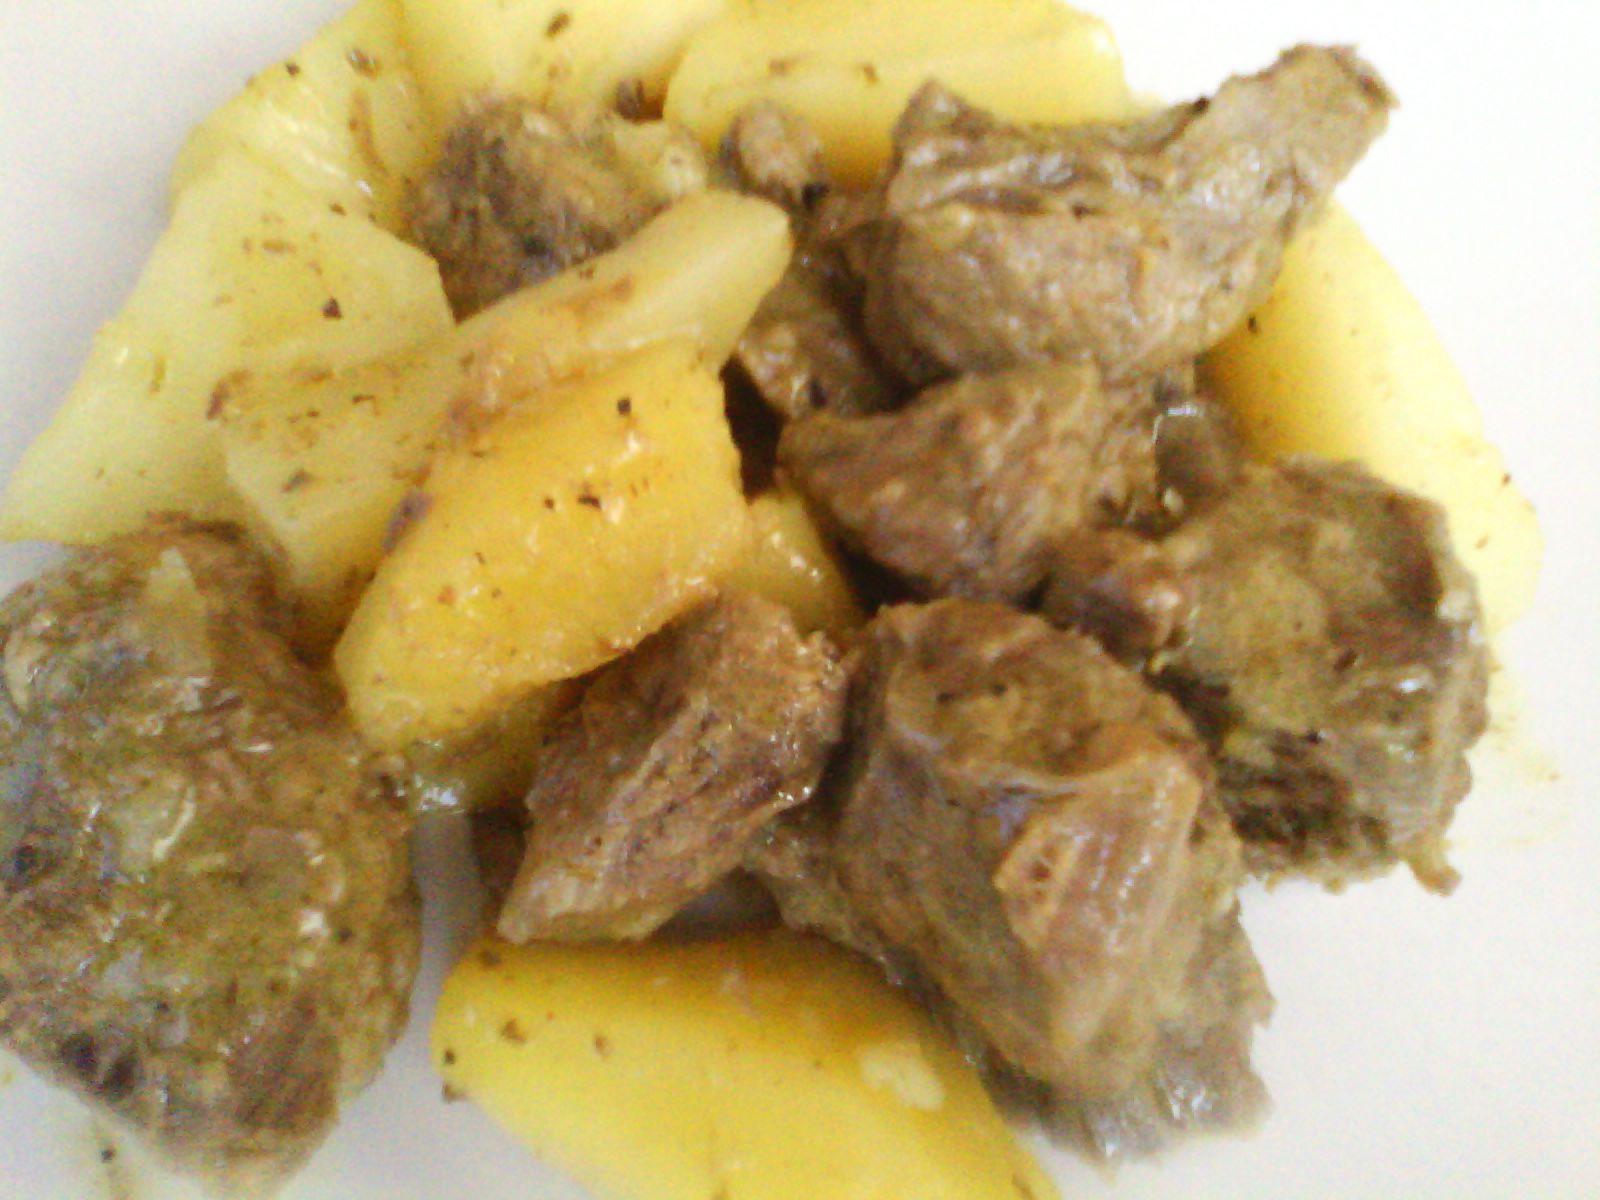 Χοιρινό λεμονάτο με πατάτες, του Γιάννη Τσινάβου